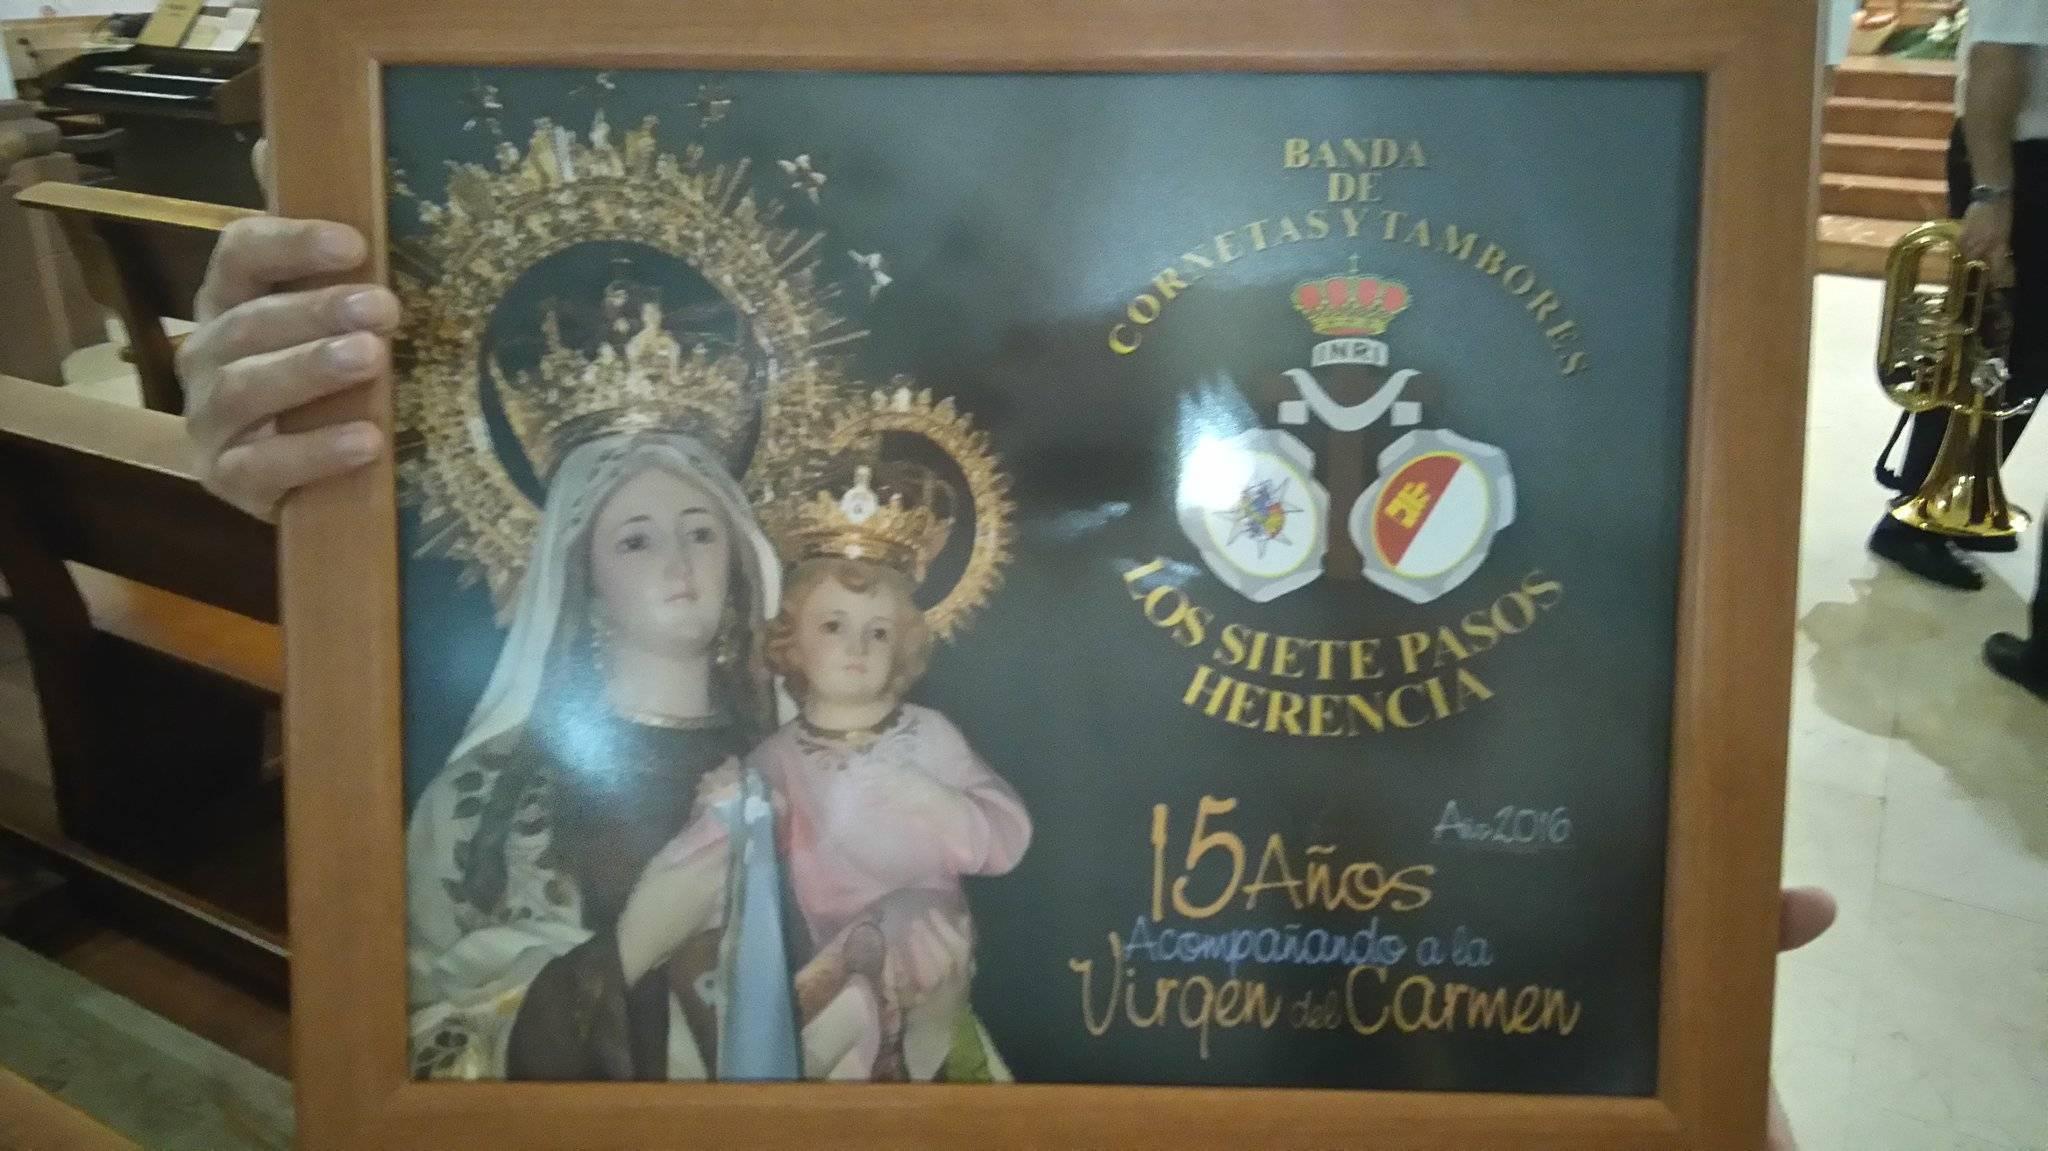 15 años con la Virgen del Carmen. Fotos twitter @bandasietepasos